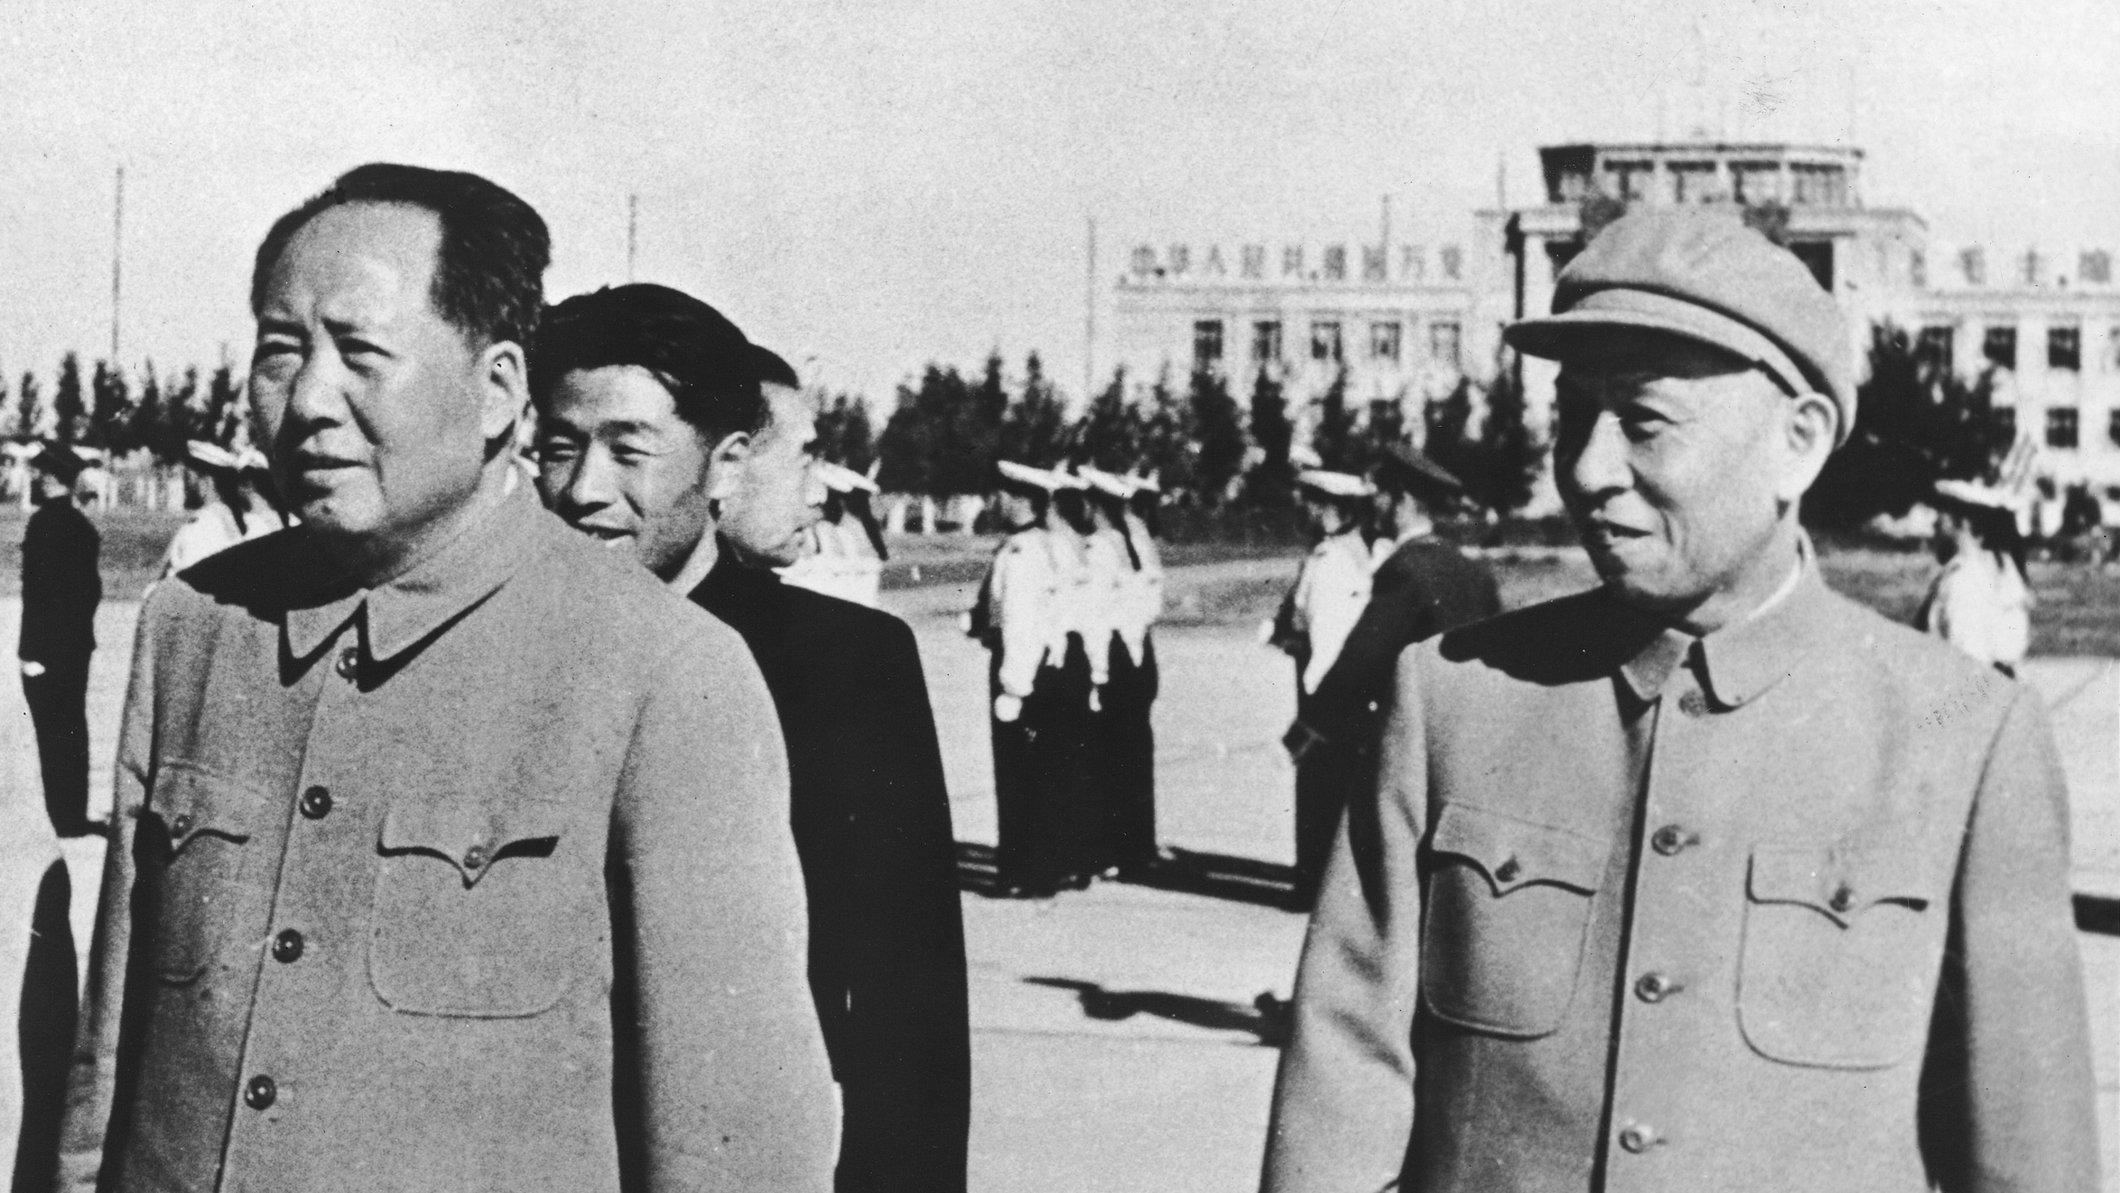 1945年唐納曾在重慶與毛澤東相見,當時毛一臉驚訝的緊握他的手。示意圖(Express Newspapers/Getty Images)